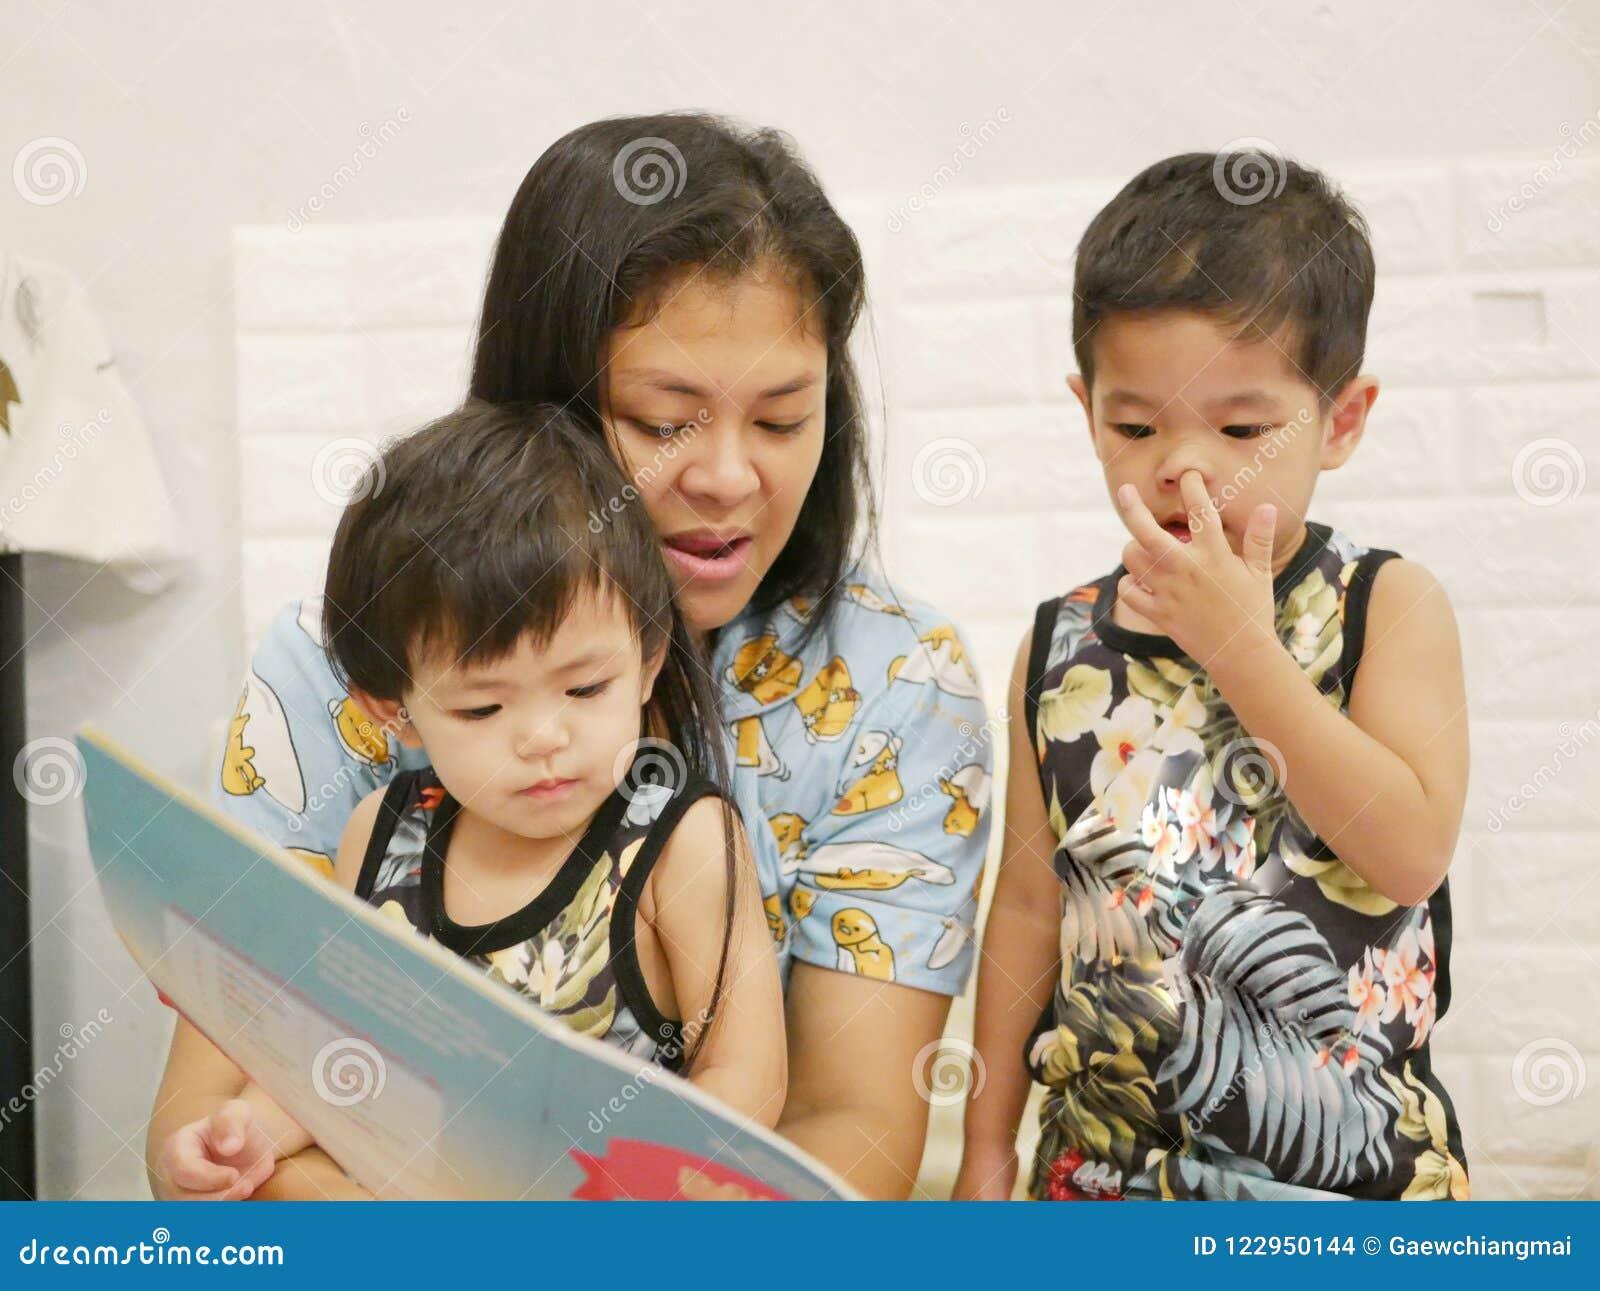 Weinig genieten van de Aziatische babymeisjes hebbend hun moeder die een boek lezen hardop aan hen